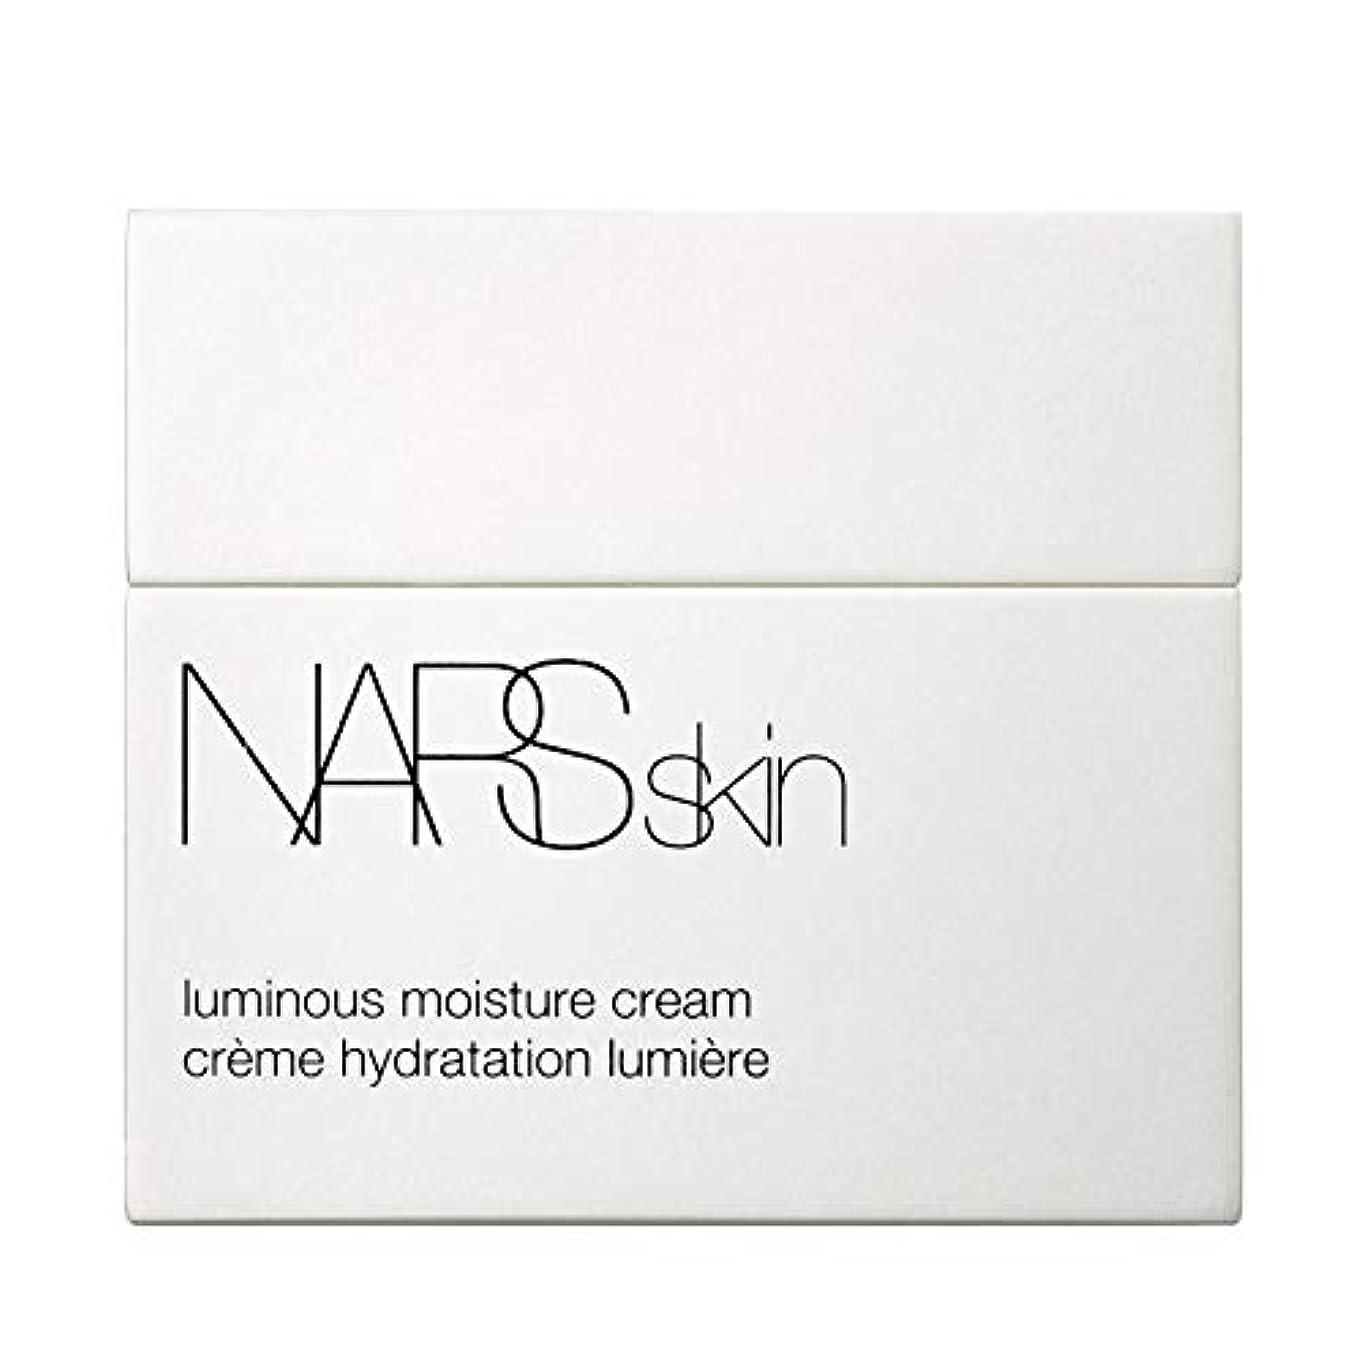 不注意すべて先行する[NARS] Narは発光水分クリーム - Nars Luminous Moisture Cream [並行輸入品]